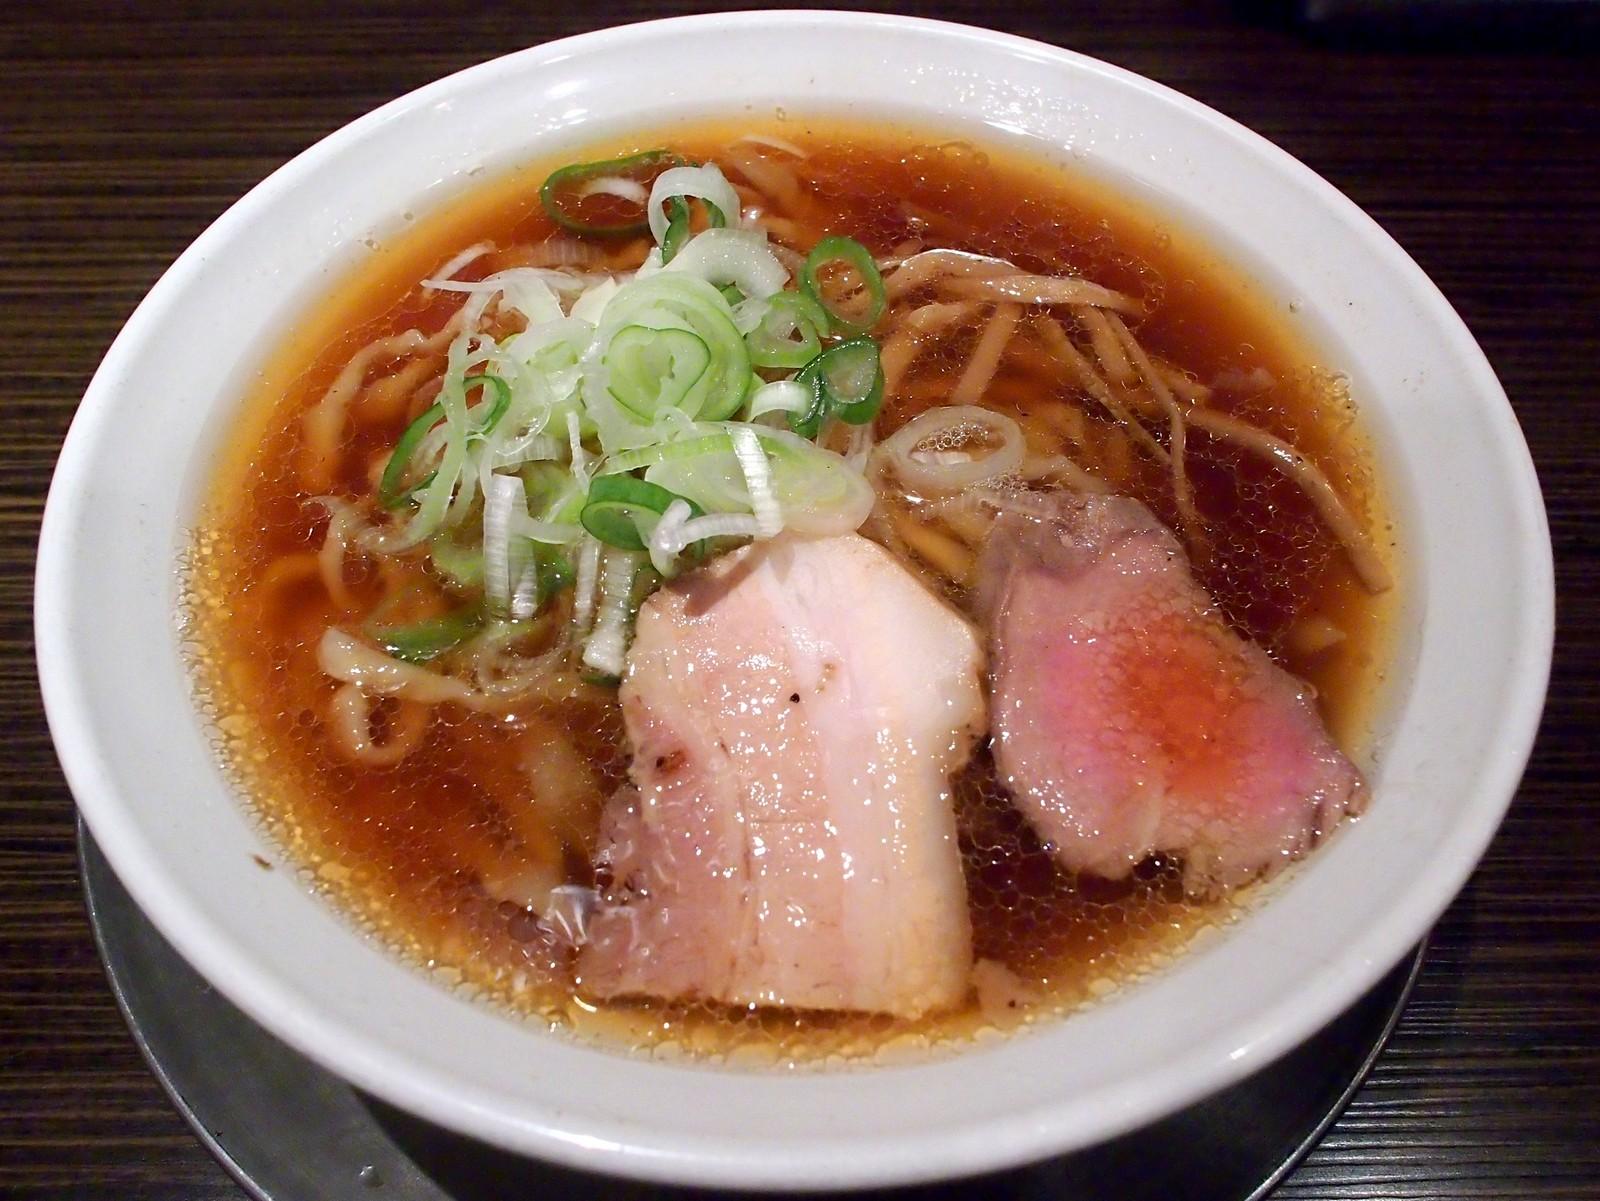 美味しいものがたくさん!!宮城県でオススメの美味しいラーメン店のサムネイル画像